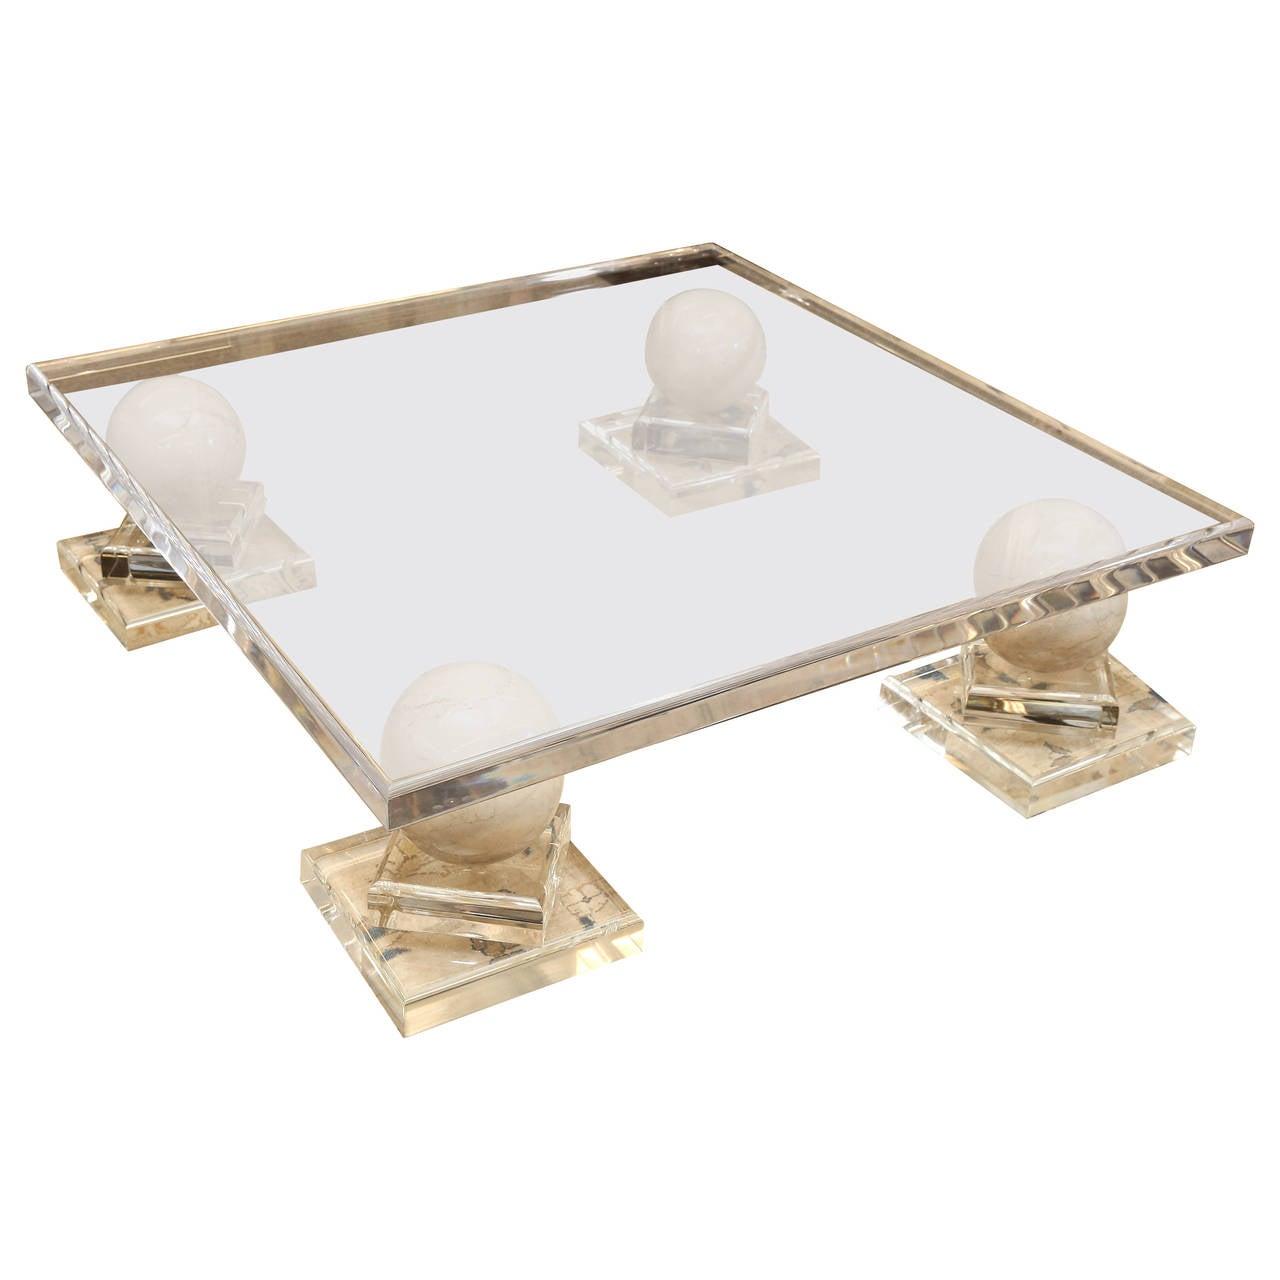 Plexiglass Coffee Table at 1stdibs